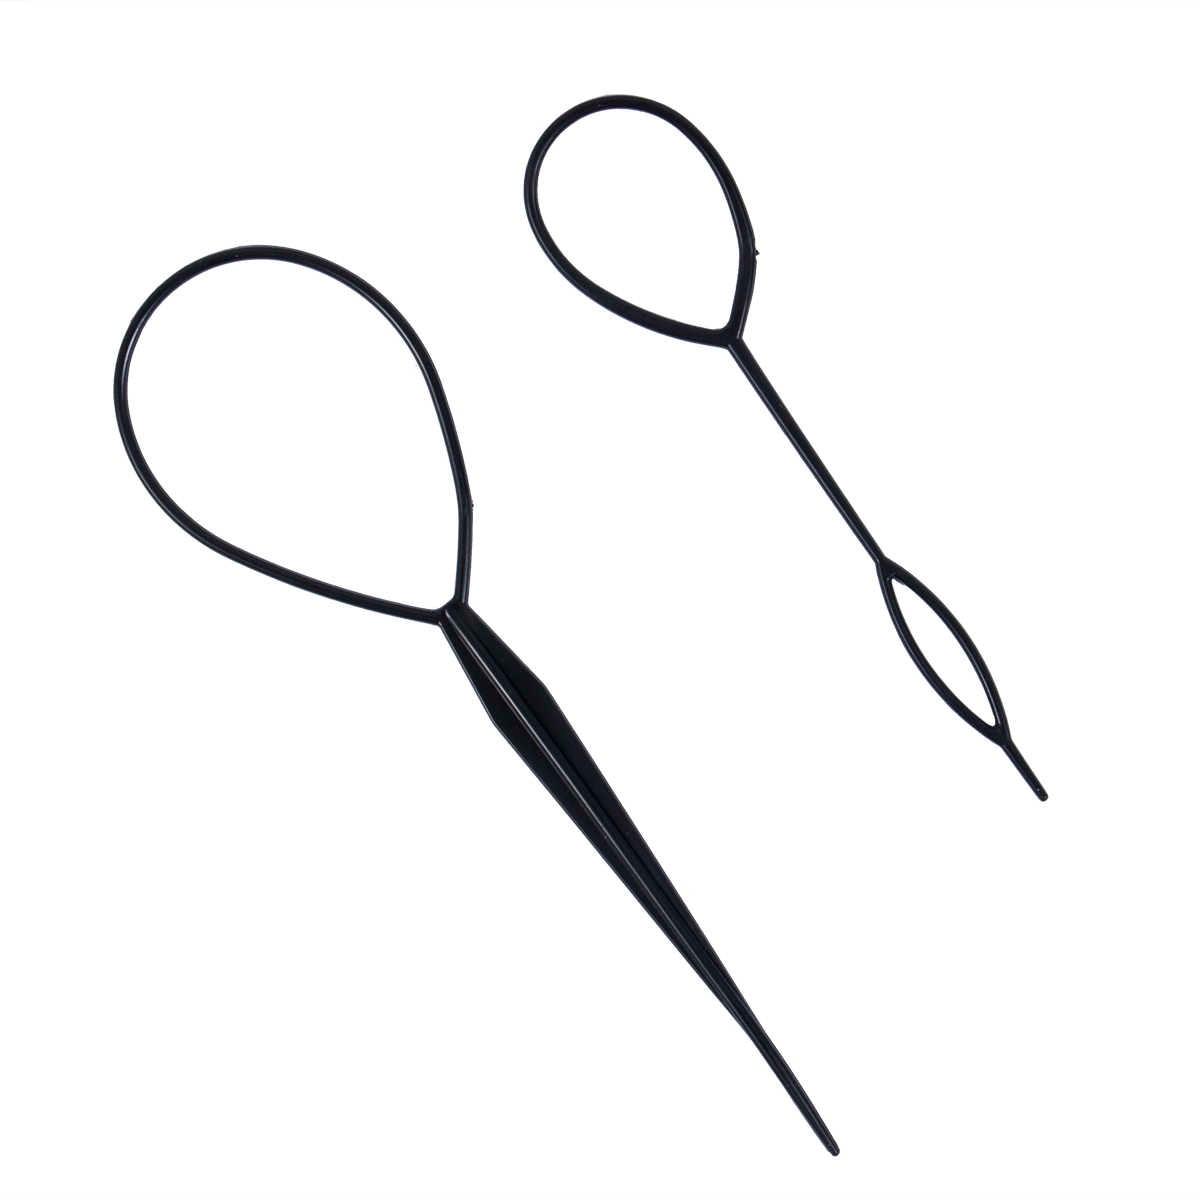 2019, два предмета, пластиковый магический хвост, коса для волос, инструмент для создания зажимов, конский хвост, стильный, для взрослых